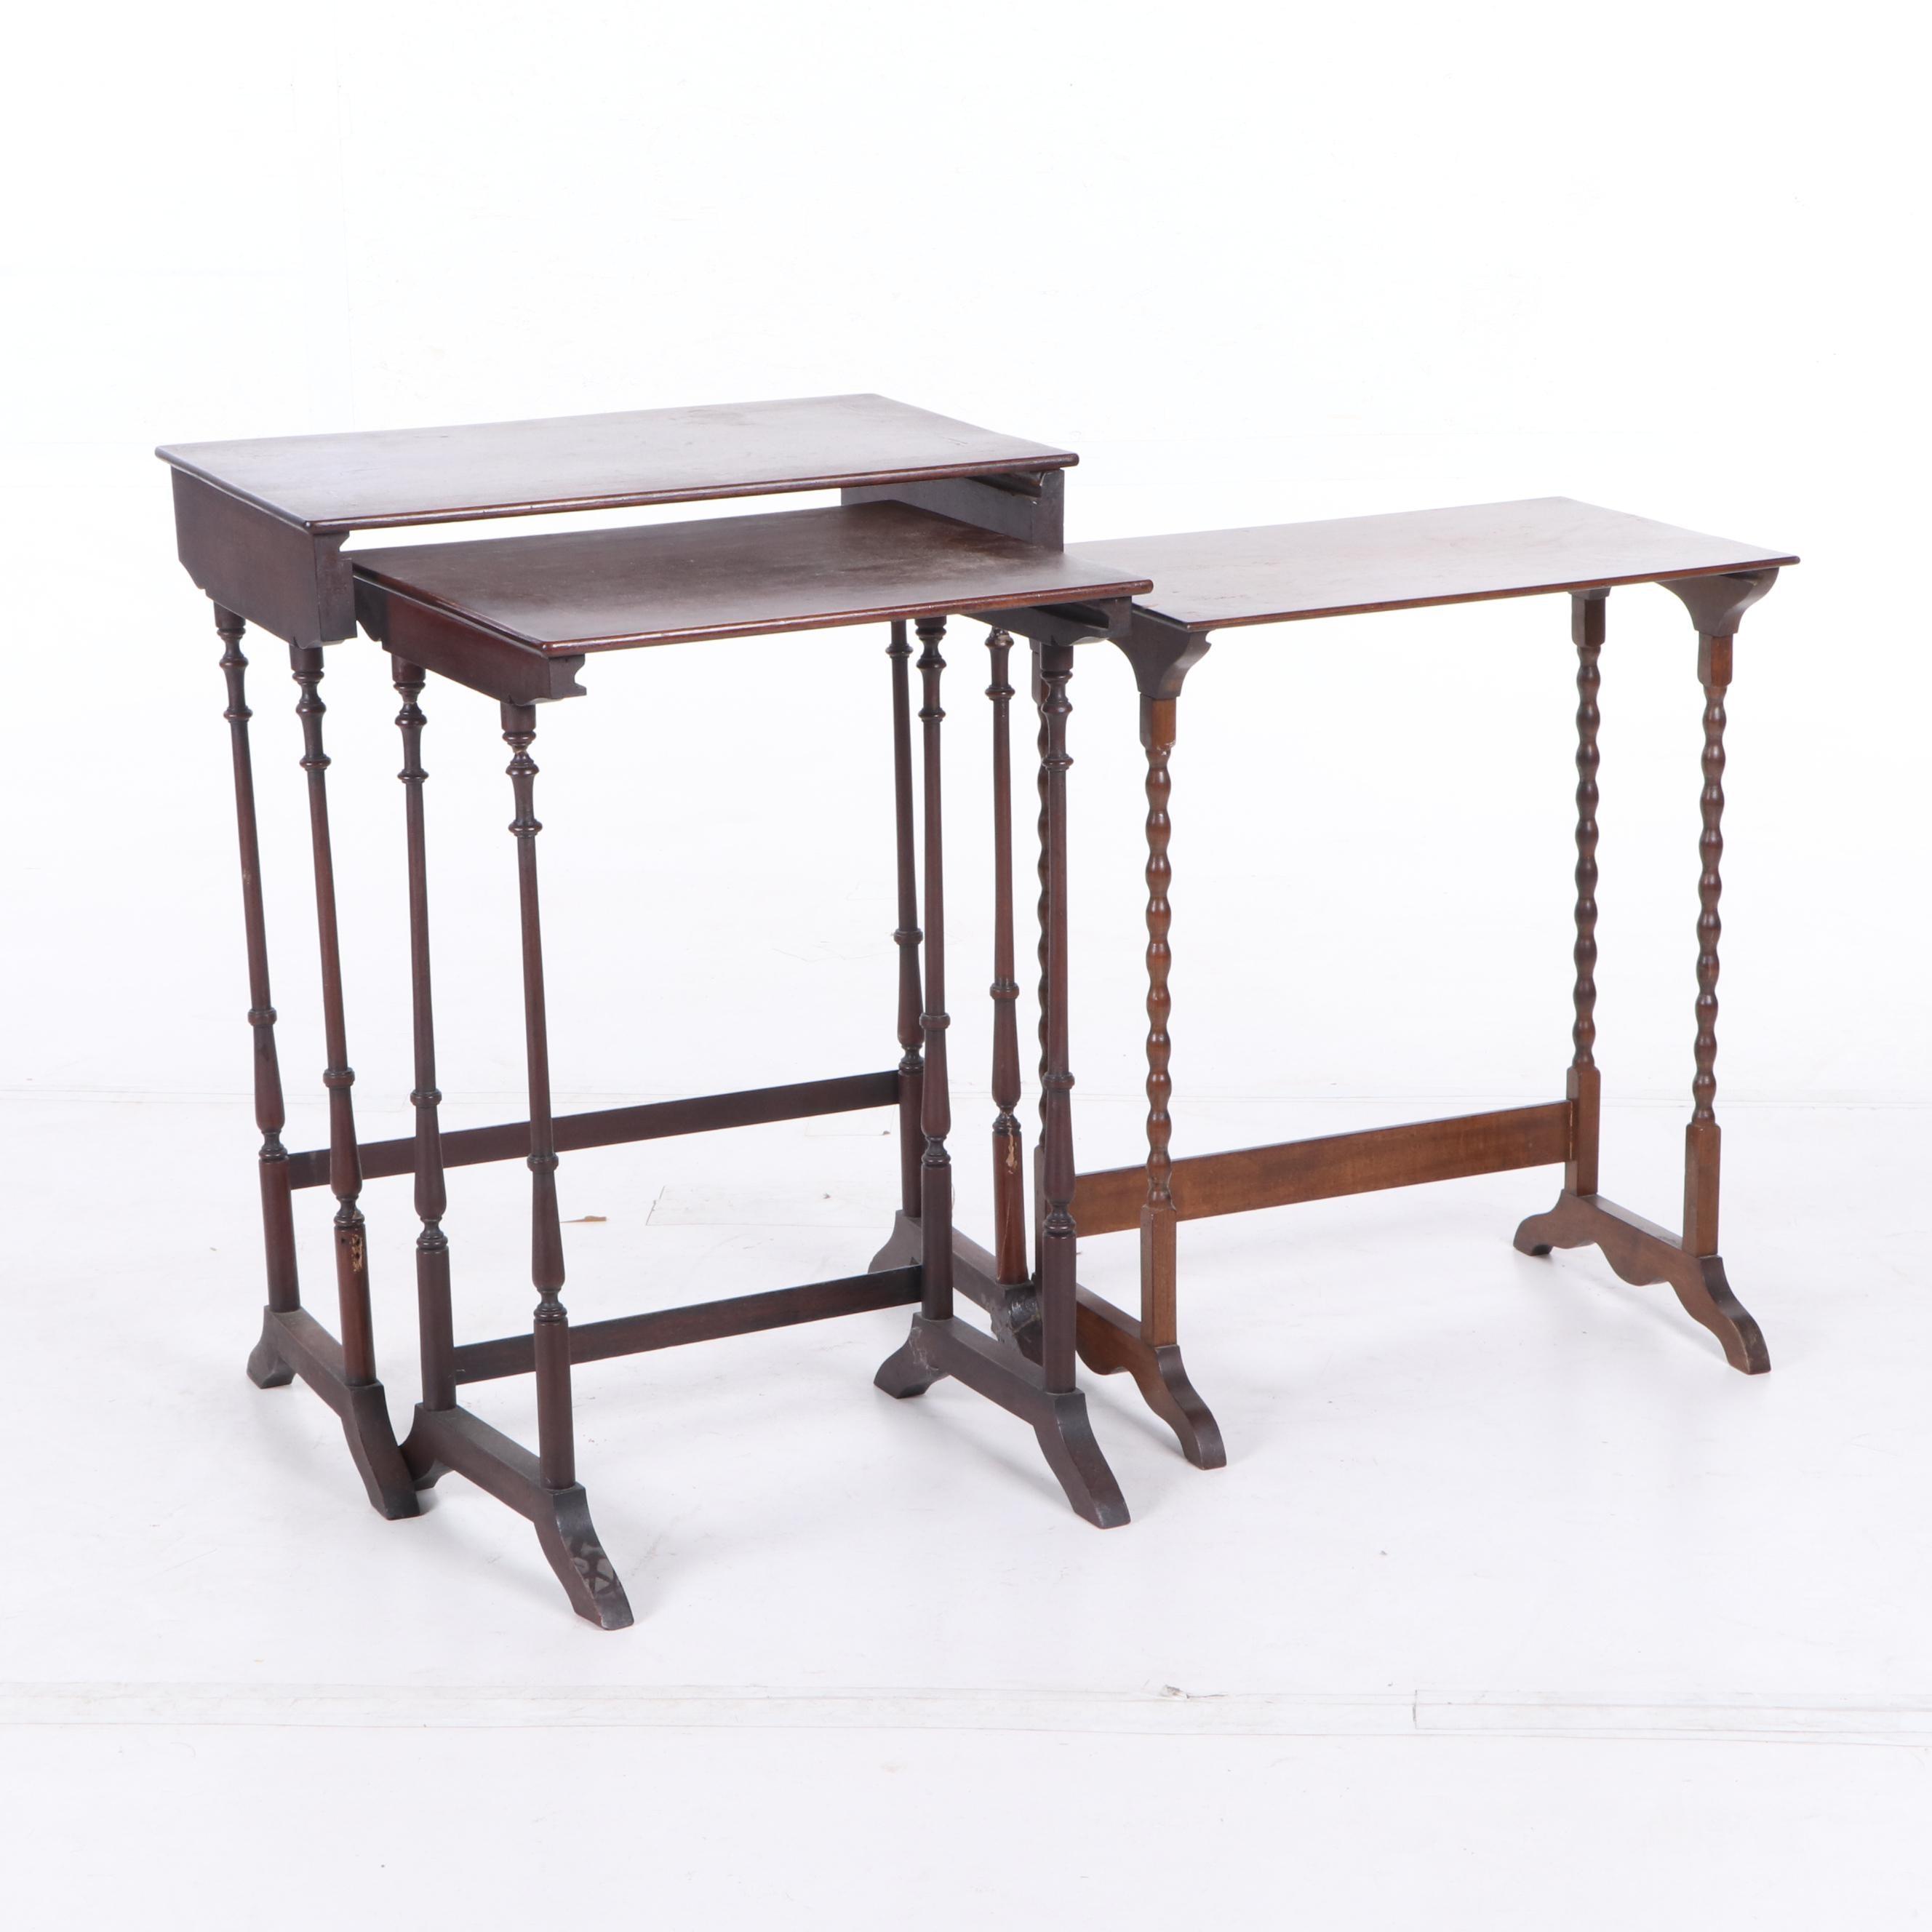 English Regency Mahogany Nesting Tables, Mid to Late 19th Century